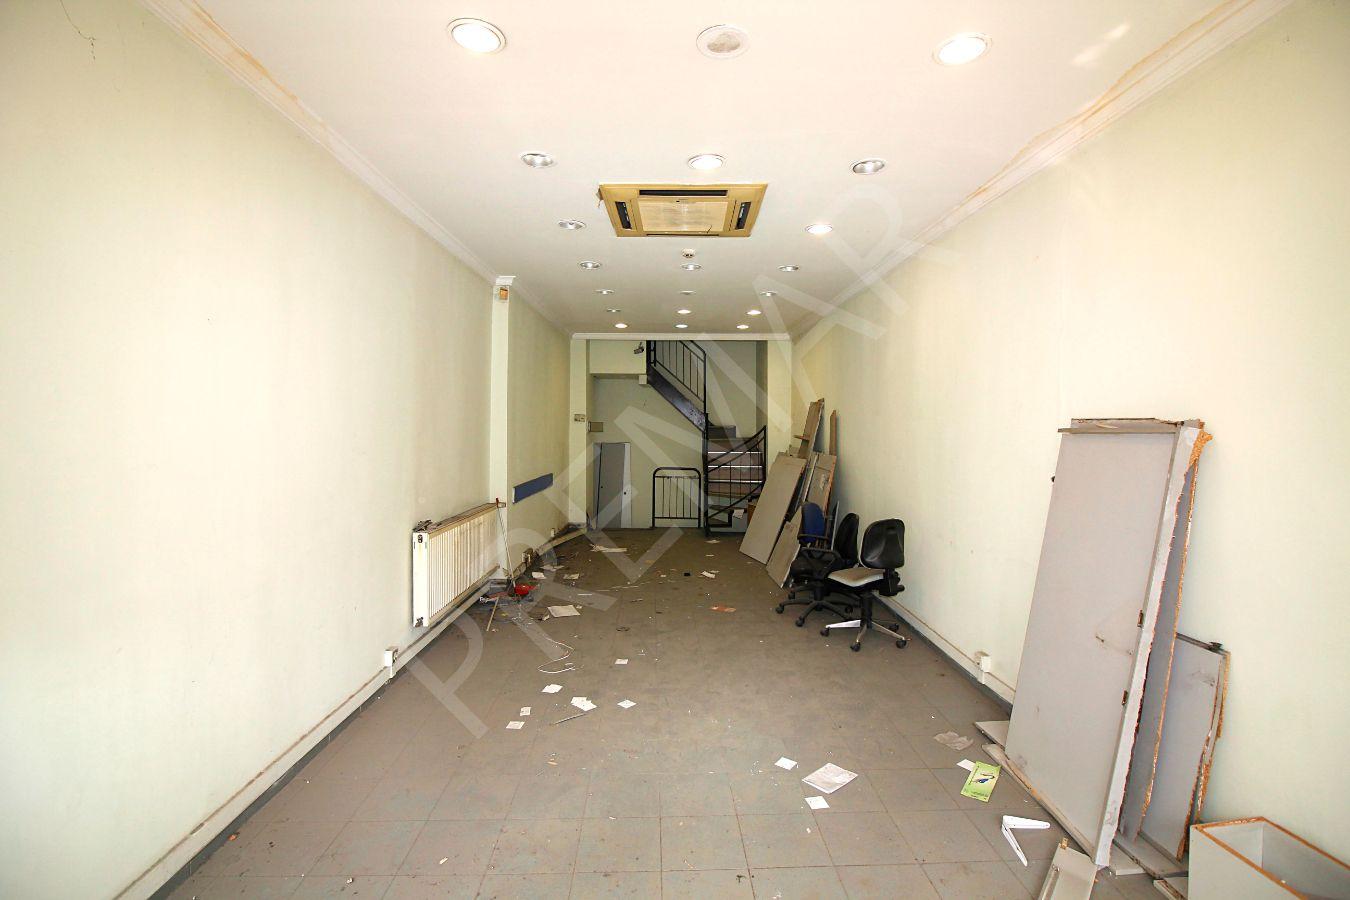 Beyoğlunda Cadde Üstünde Komple Satılık 240 M2 Bina